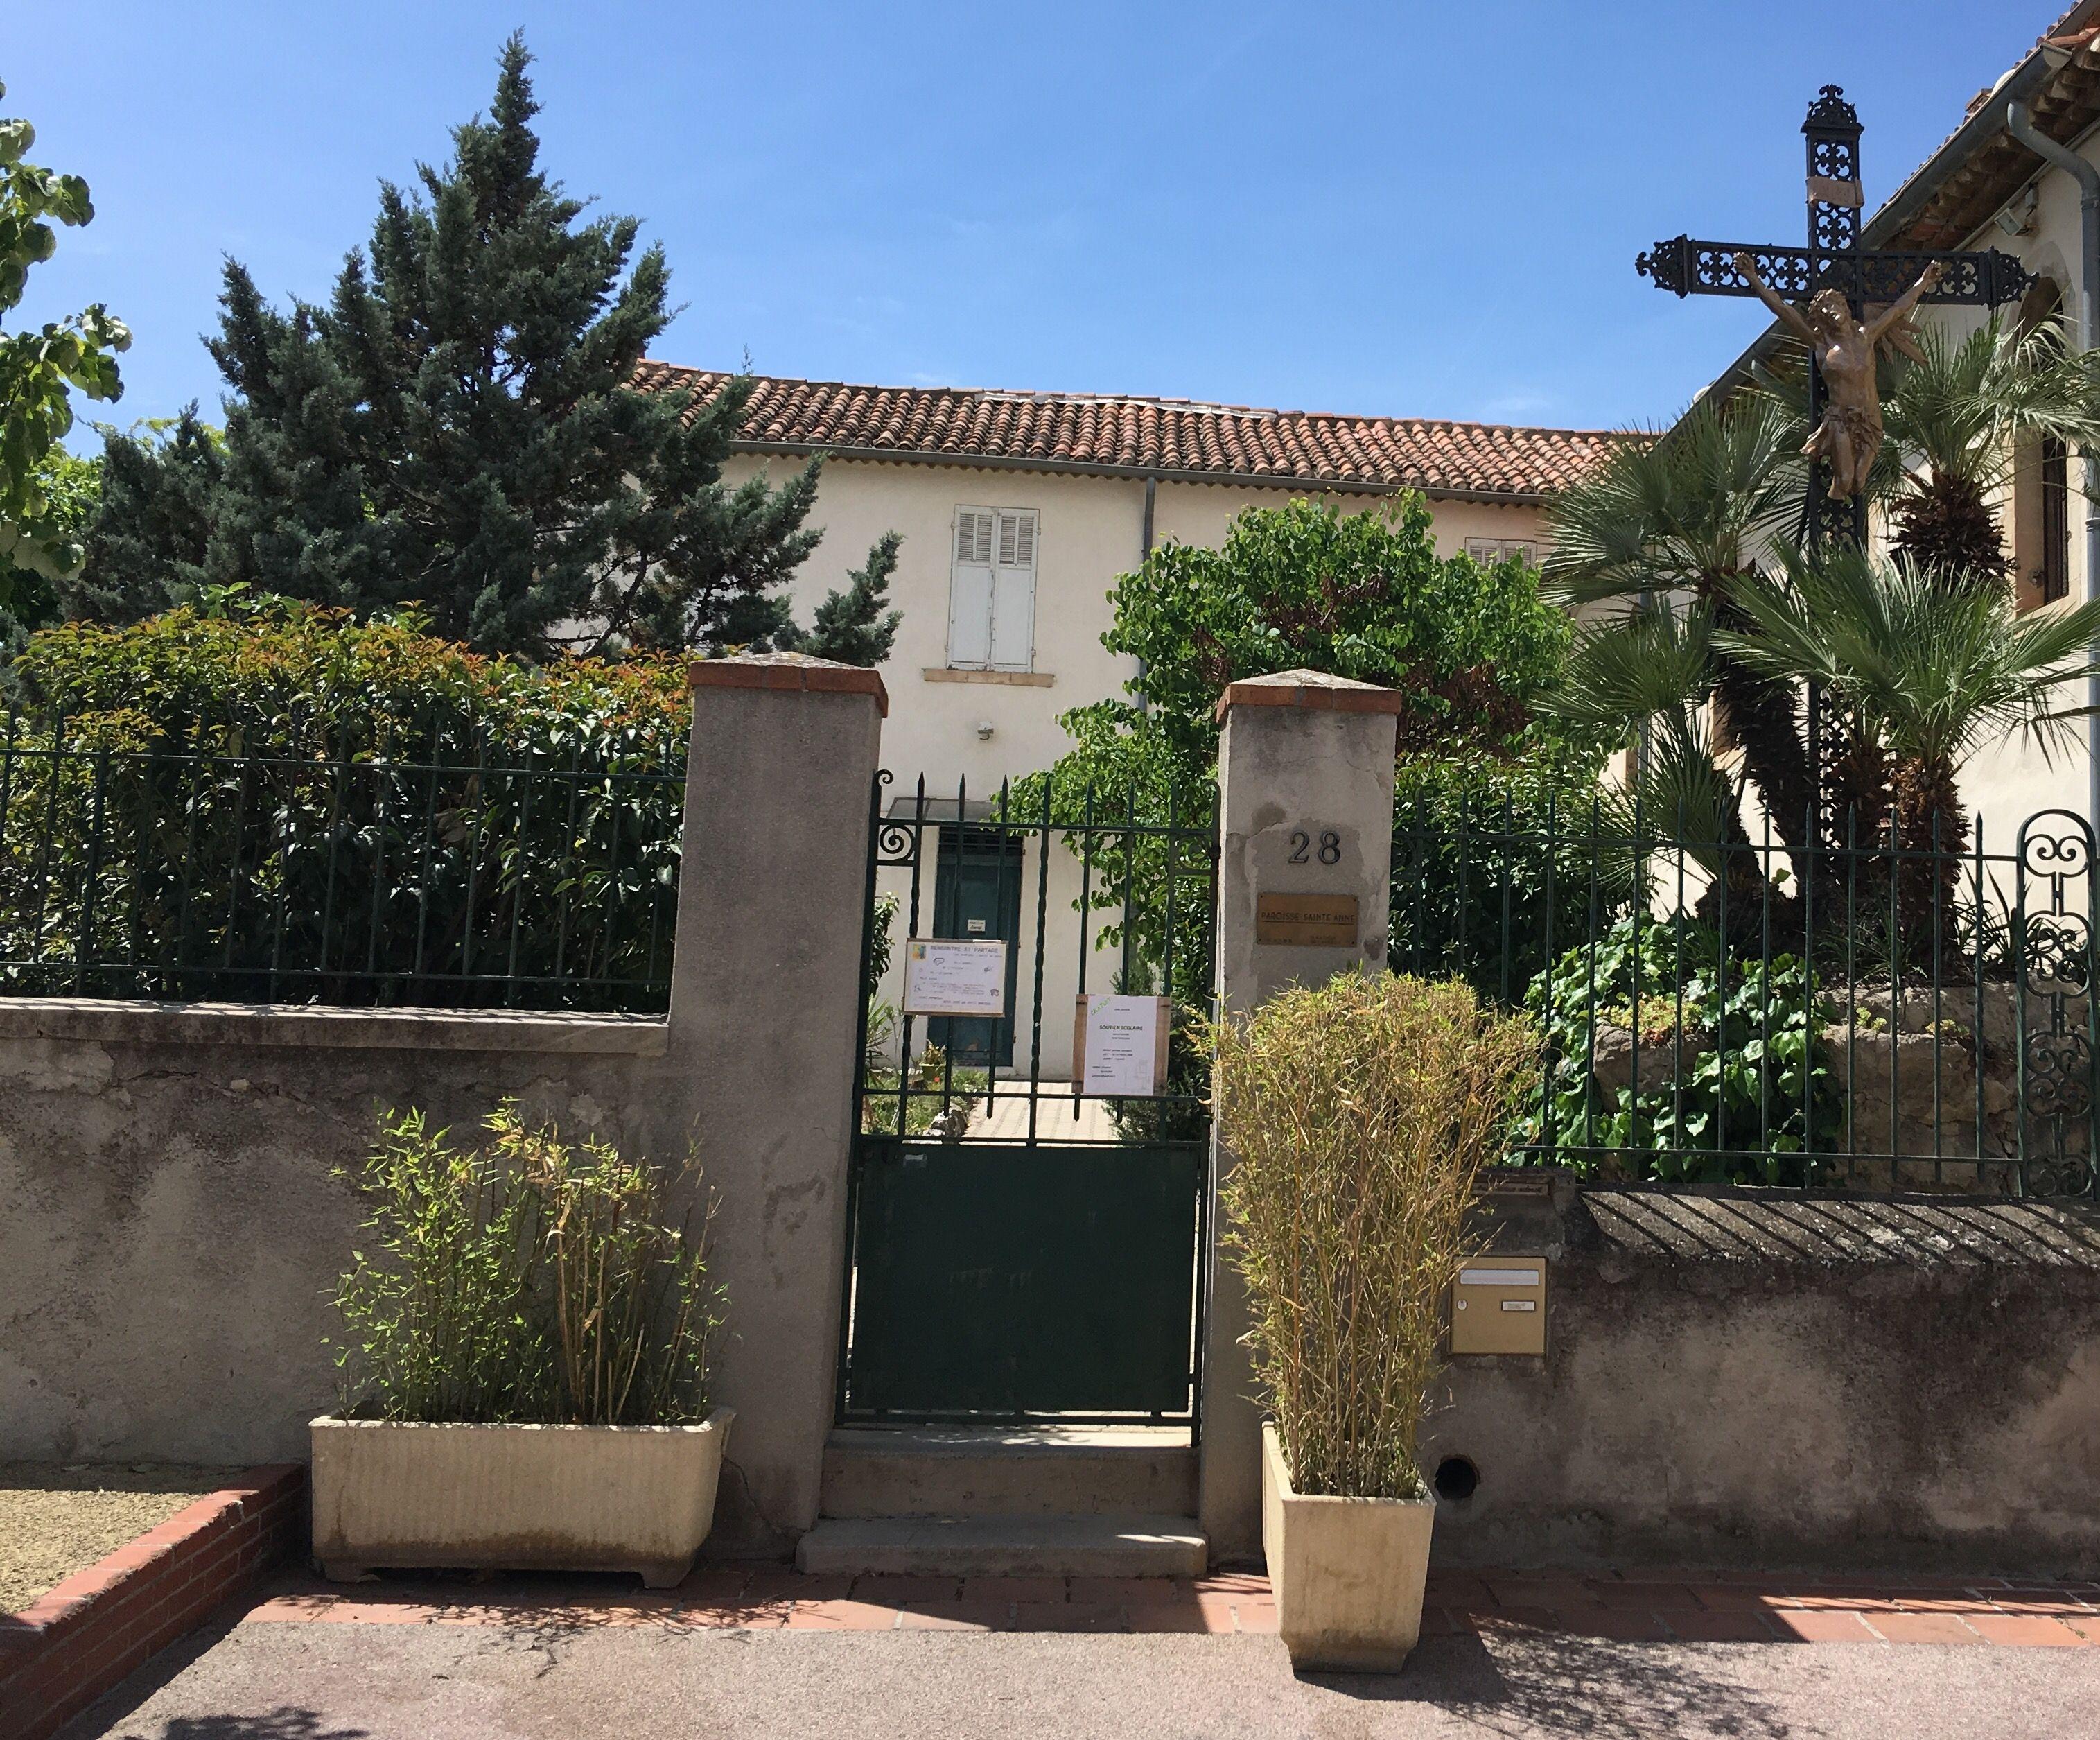 Chambre-à-louer-Marseille 8ème arrondissement-Melkisedek